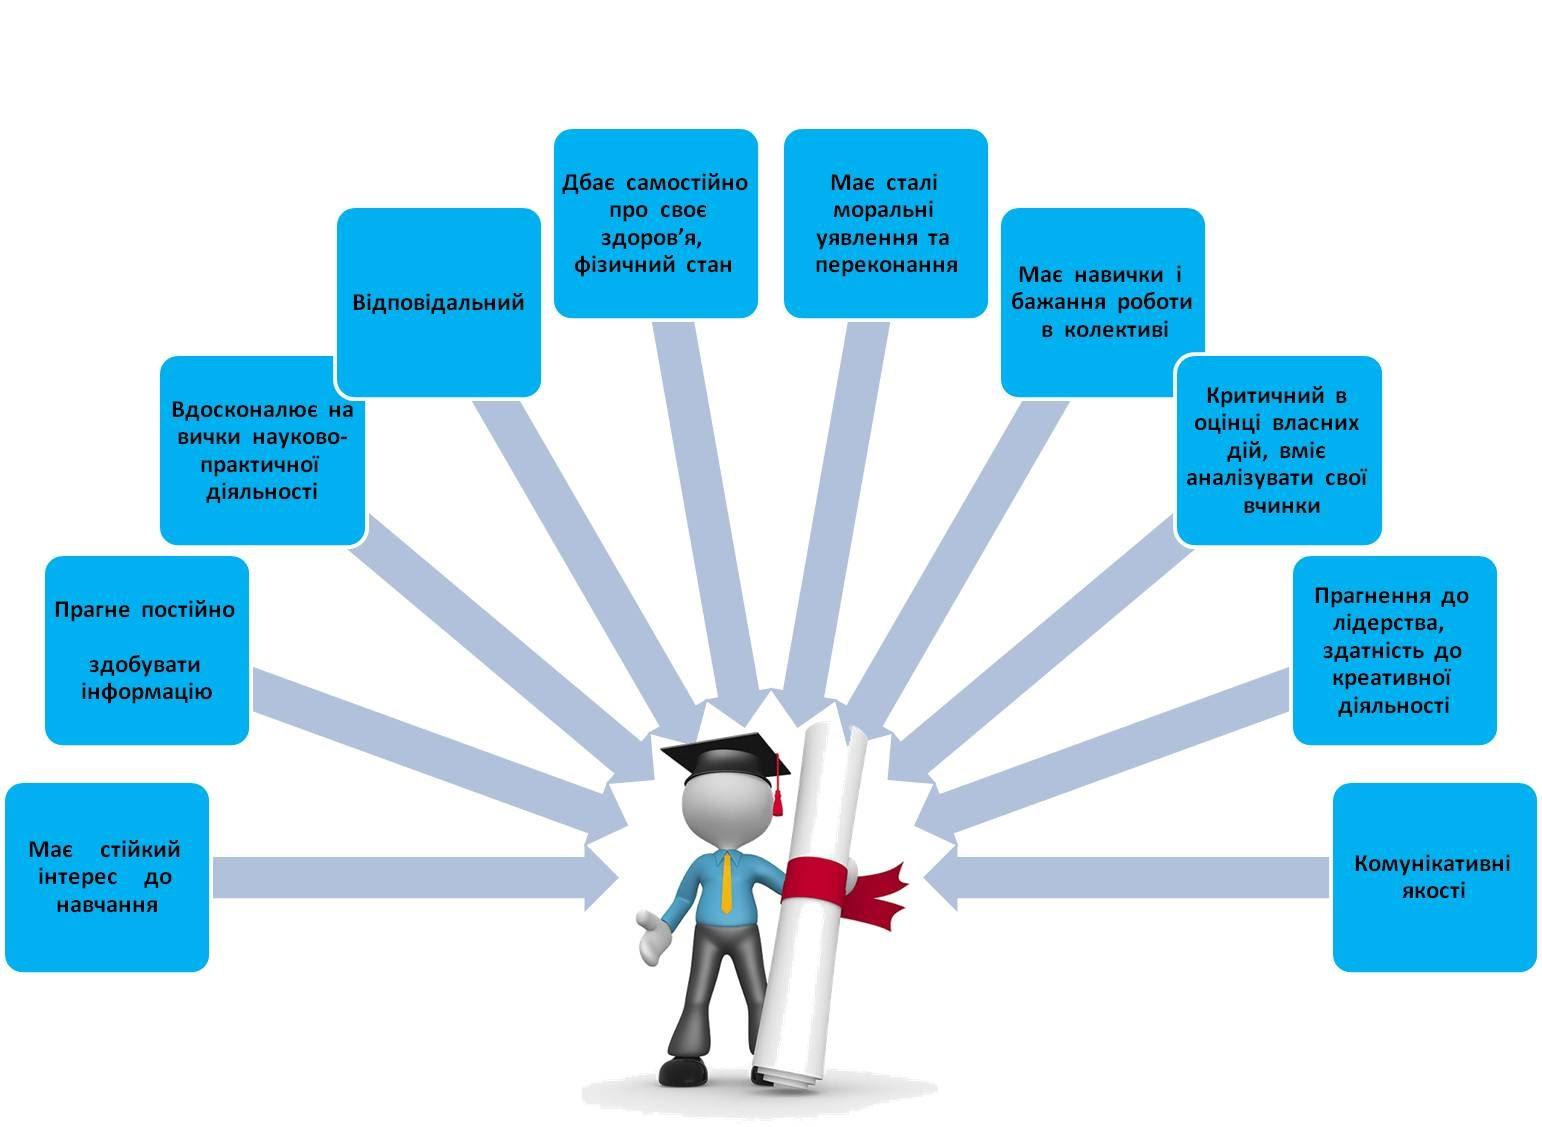 Картинки по запросу схема структура виховної роботи в школі